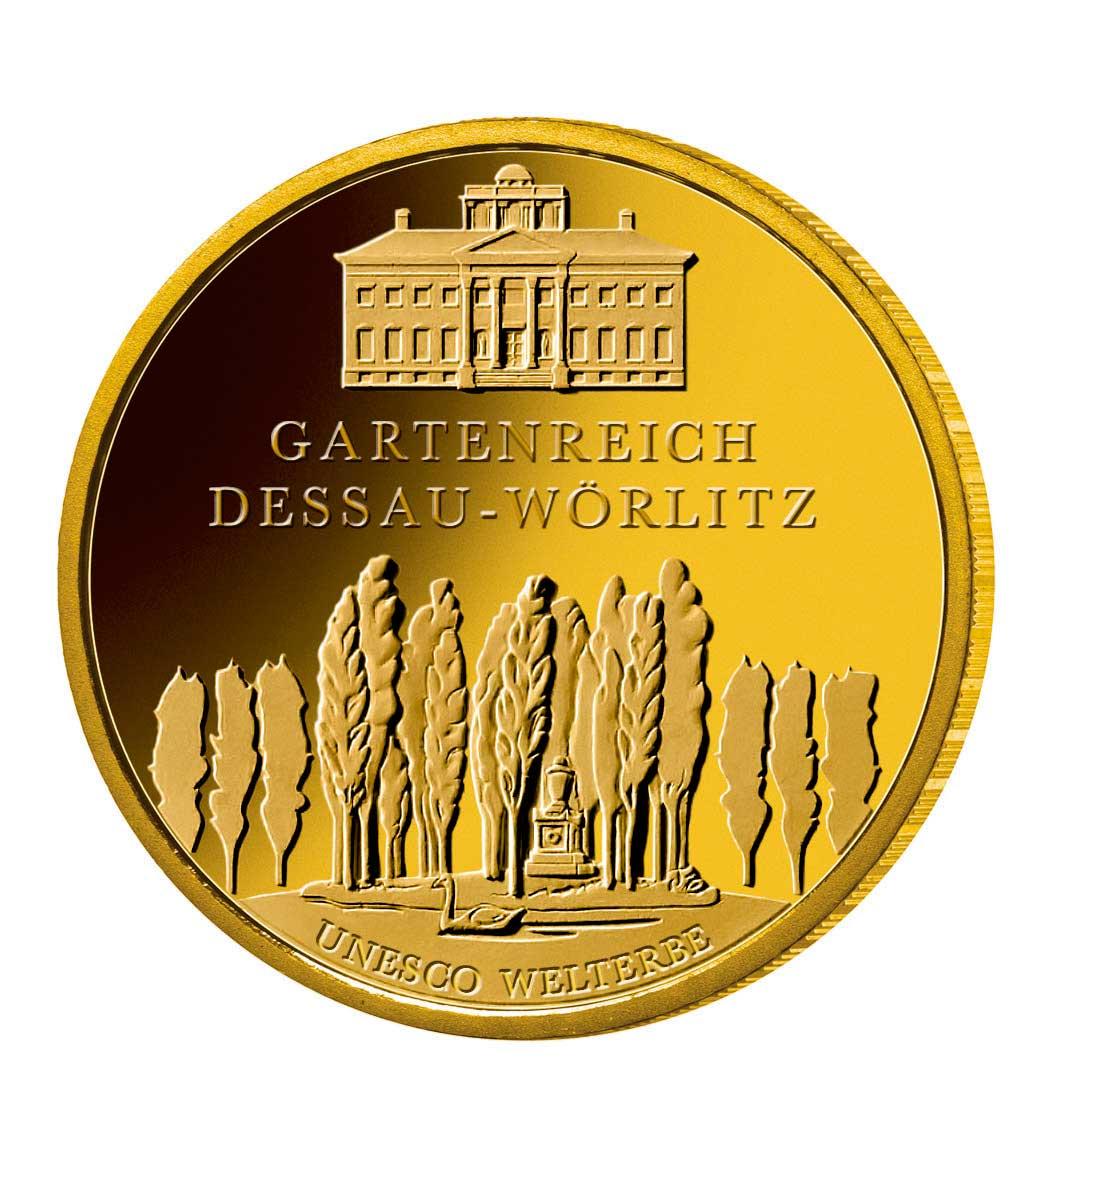 100 Euro Goldmünze UNESCO Weltkulturerb Dessau Wörlitz Bildseite 100 Euro Goldmünze Gartenreich Dessau Wörlitz